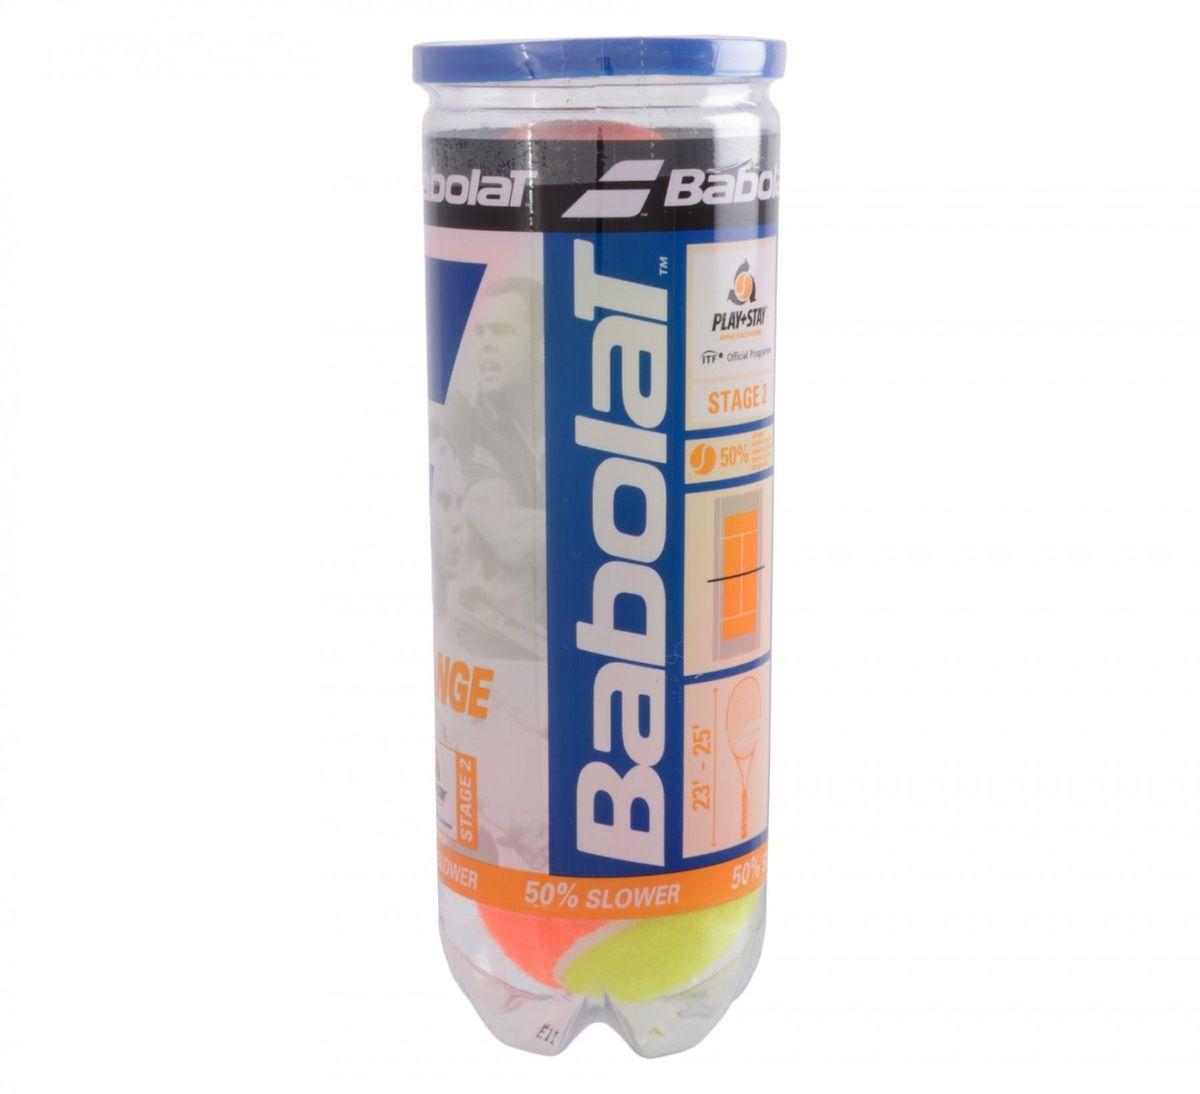 Мяч теннисный Babolat Orange, 3 шт501035Мяч теннисный Babolat Orange изготовлены из высокачесвтеных полимерных материалов и войлока. Скорость отскока на 75% медленее, чем у стандартного мяча. В комплект входят 3 мяча.